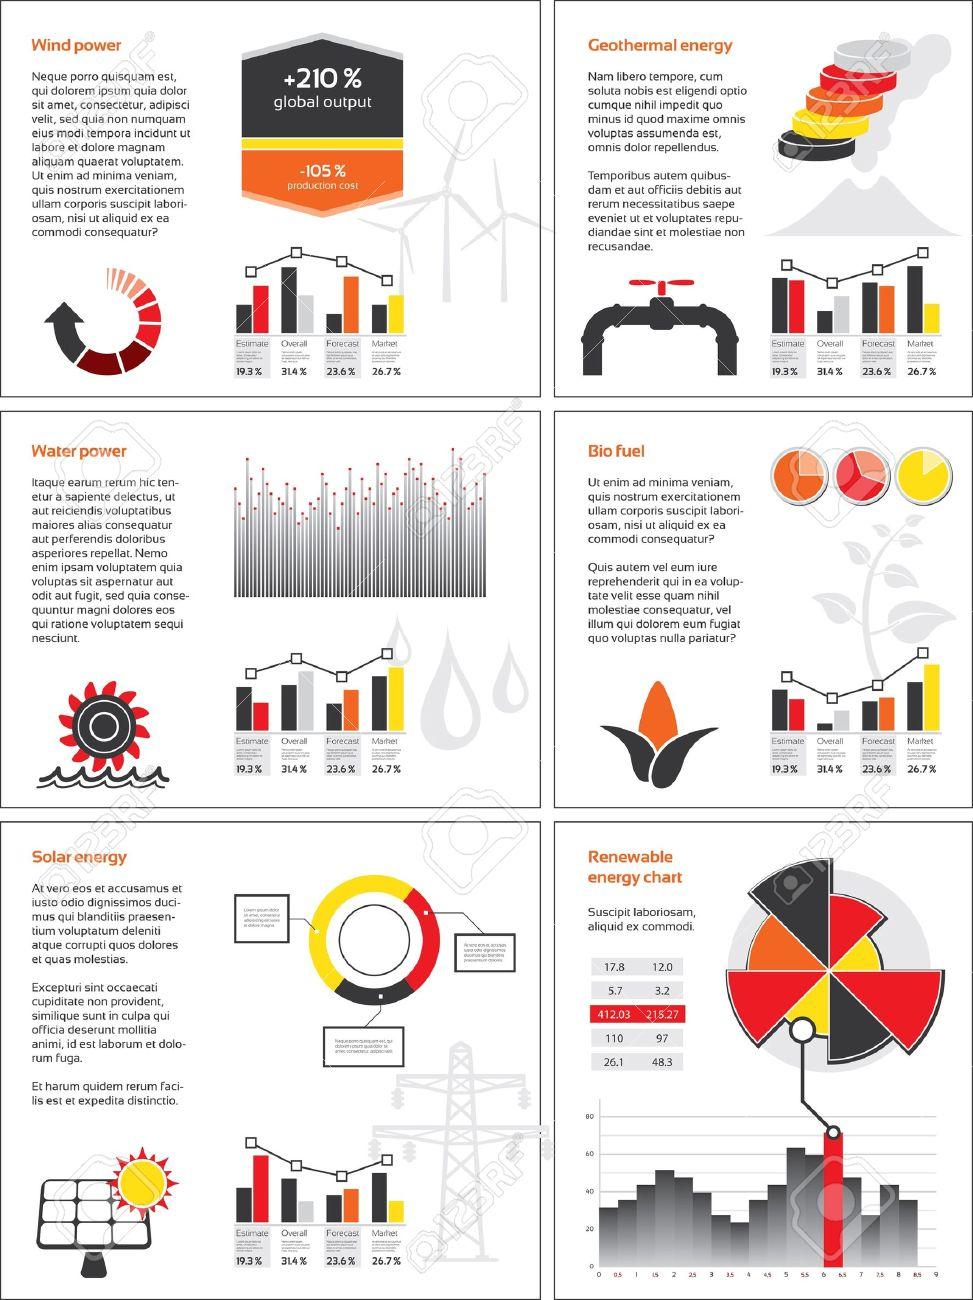 Infografik Mit Grafiken Und Diagrammen Für Erneuerbare Energien ...